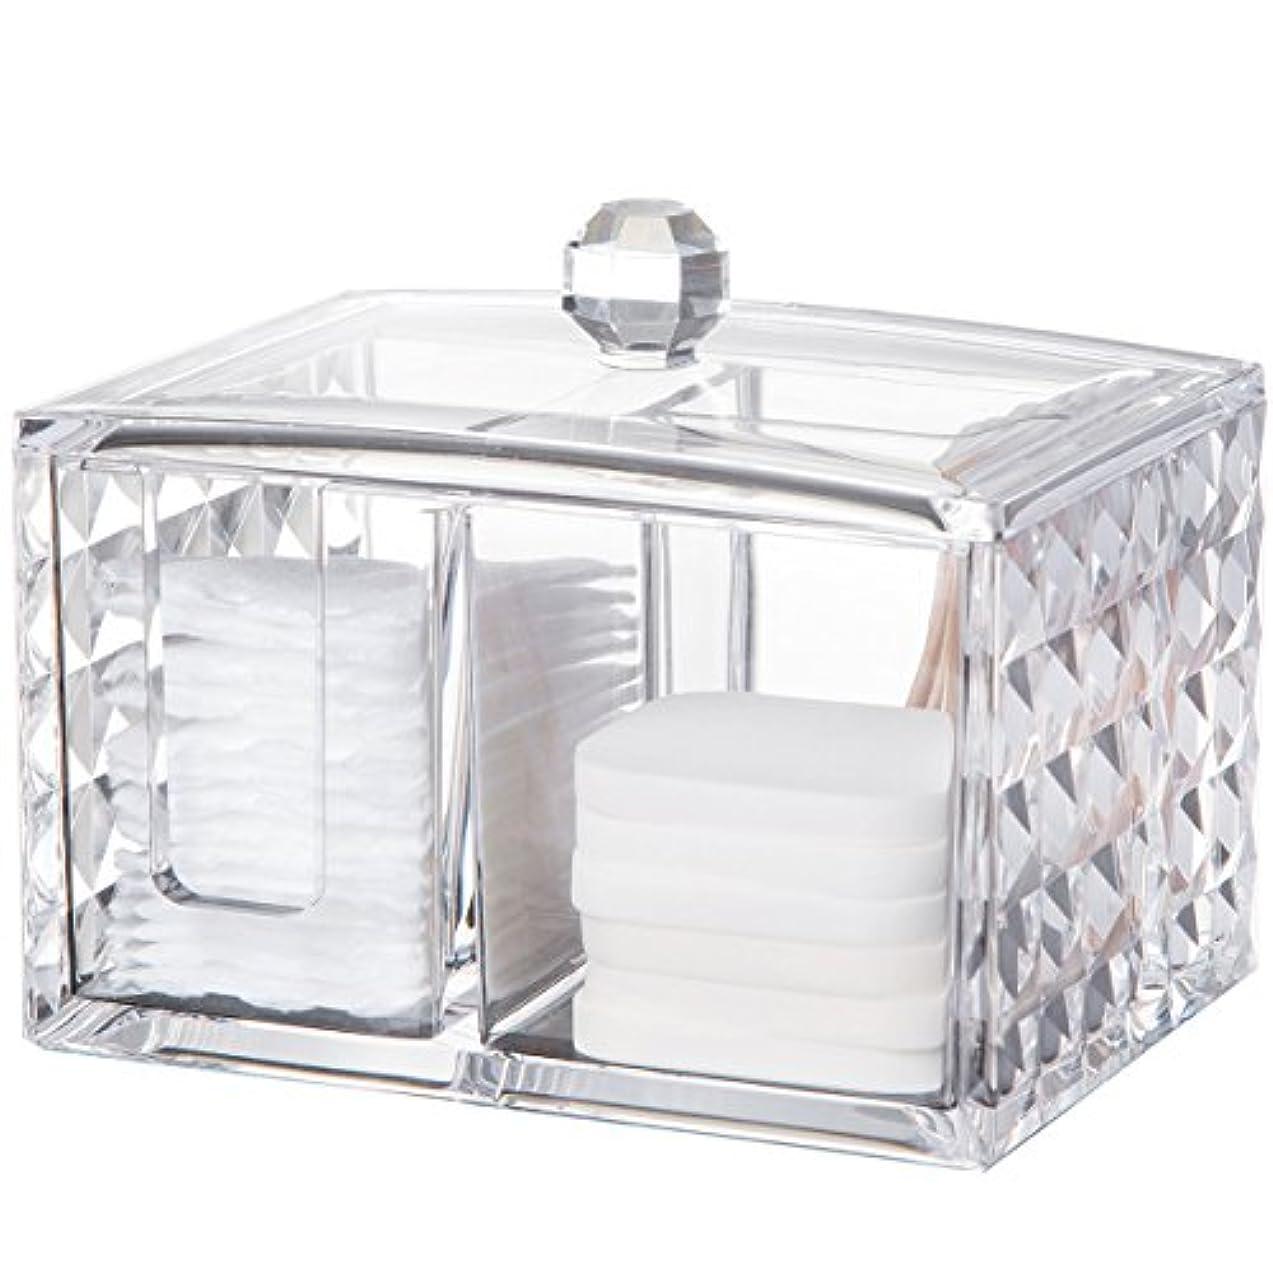 コスメボックス 綿棒収納ボックス アクリル製 ダイヤモンド模様 多功能 コスメ小物用品?化粧品収納ケース 透明 (正方形)